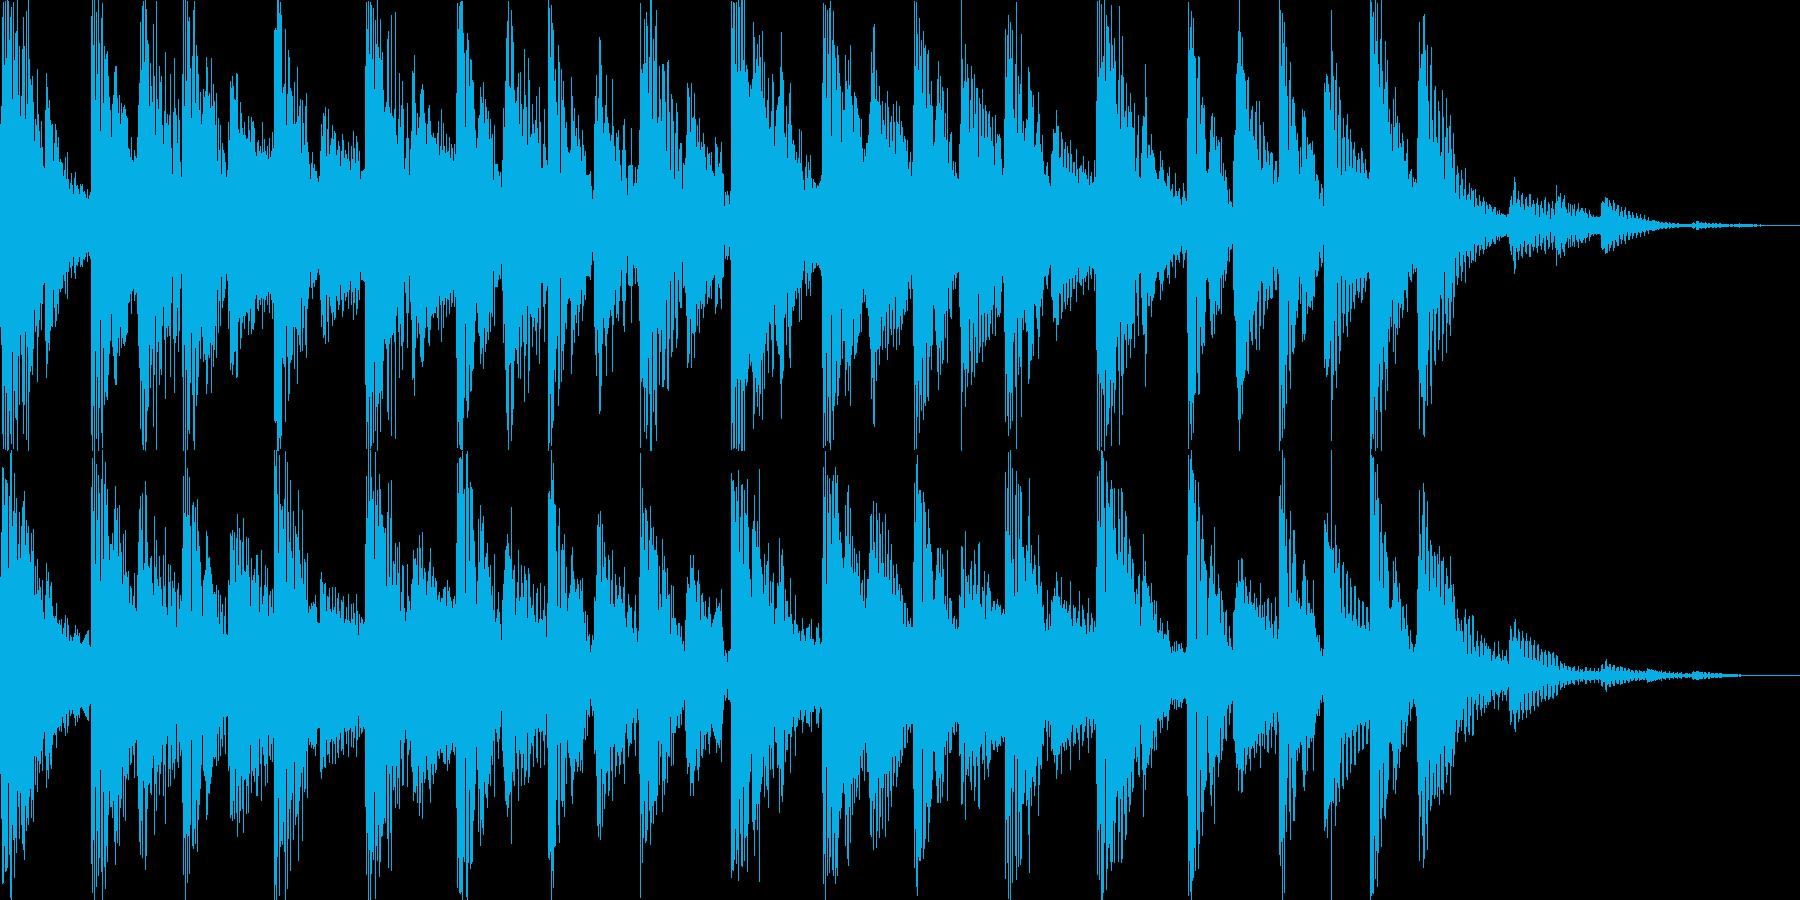 かわいい爽やかなオープニングBGM2の再生済みの波形